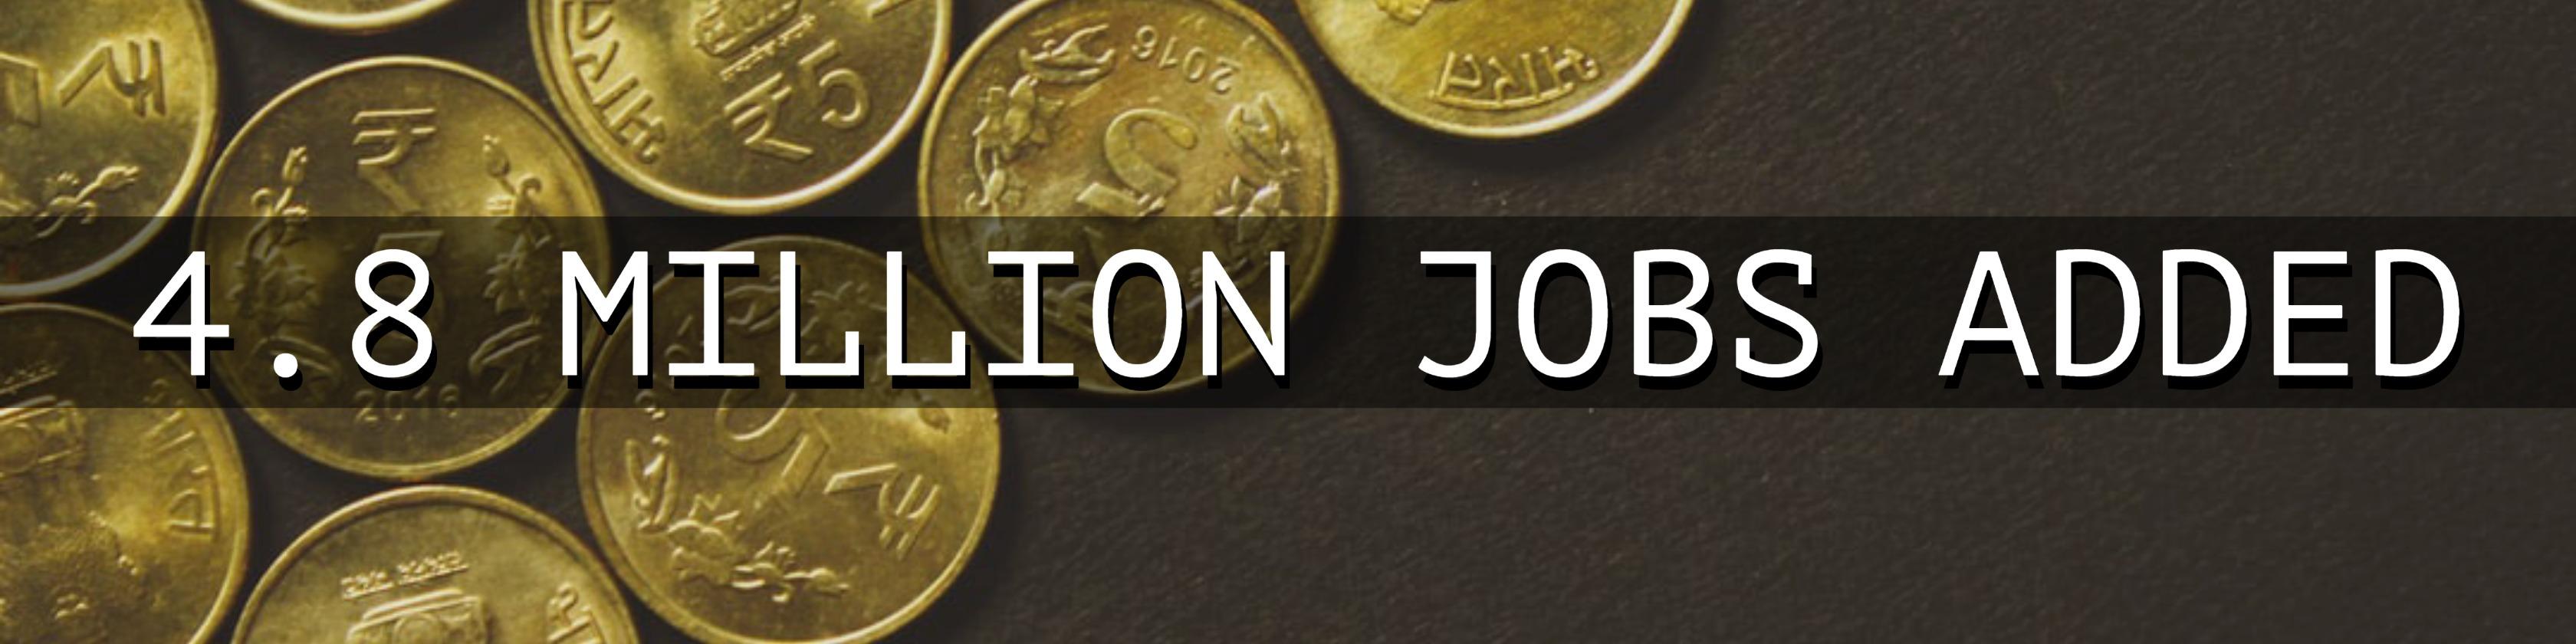 4.8 million jobs added